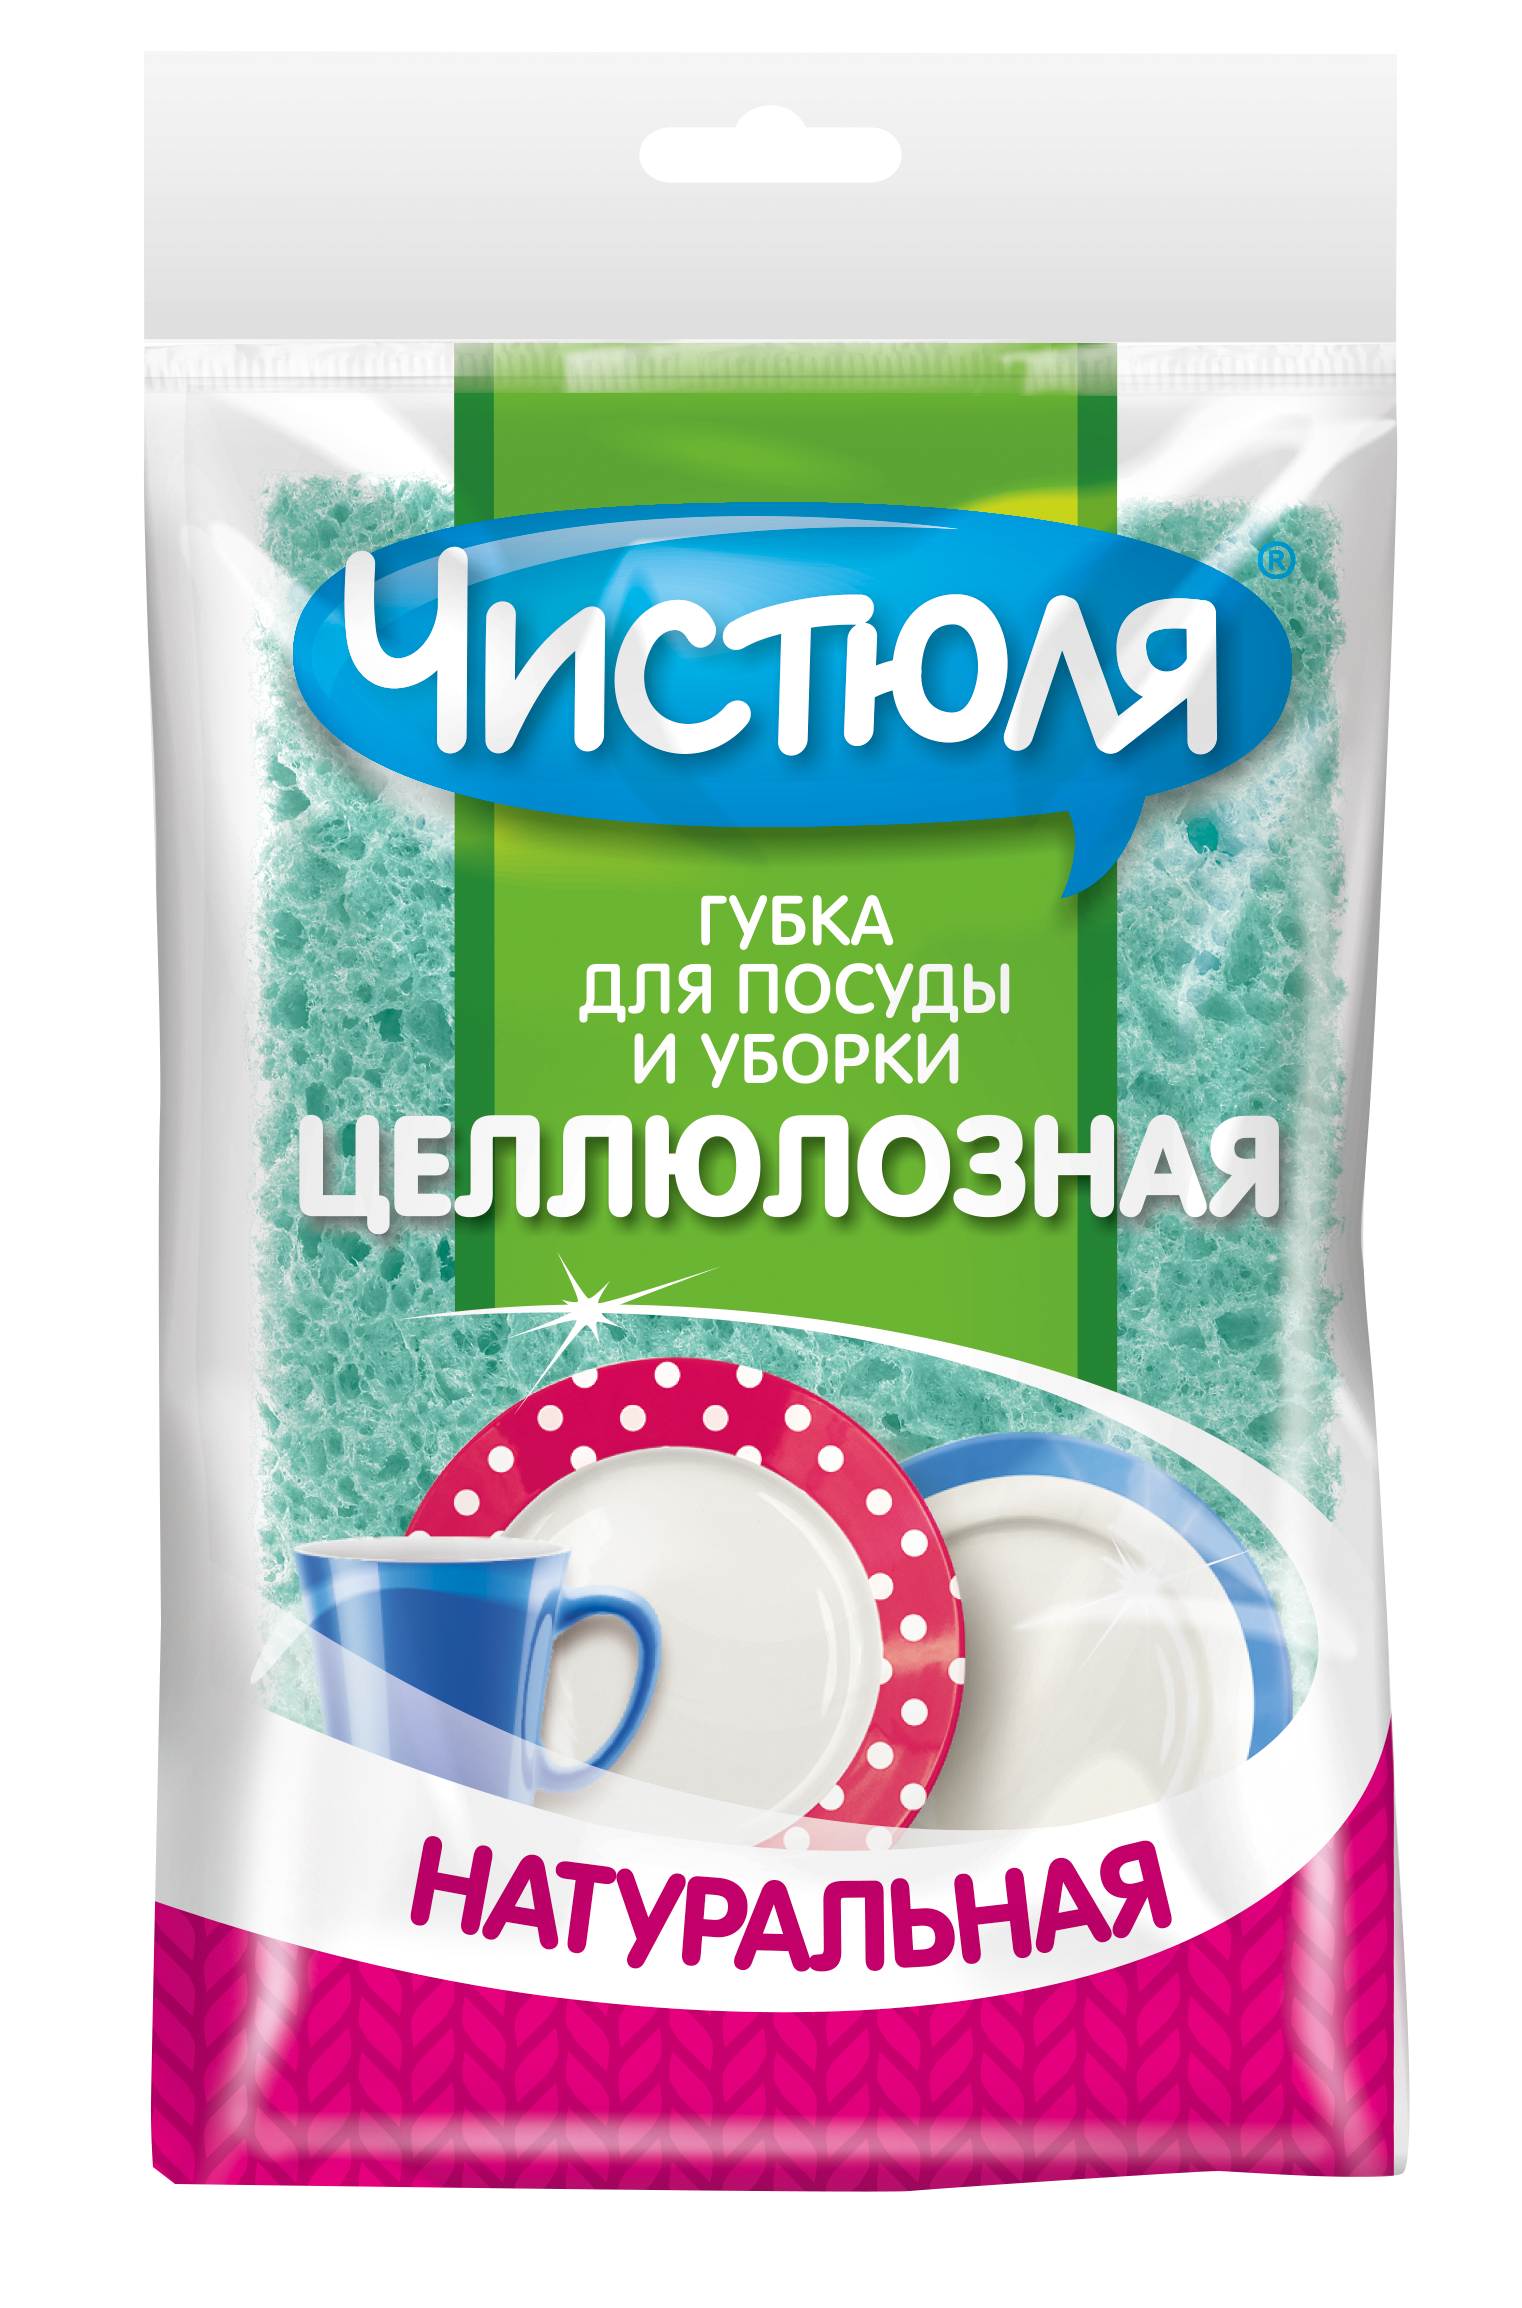 Чистюля губка для посуды целлюлозная НАТУРАЛЬНАЯ